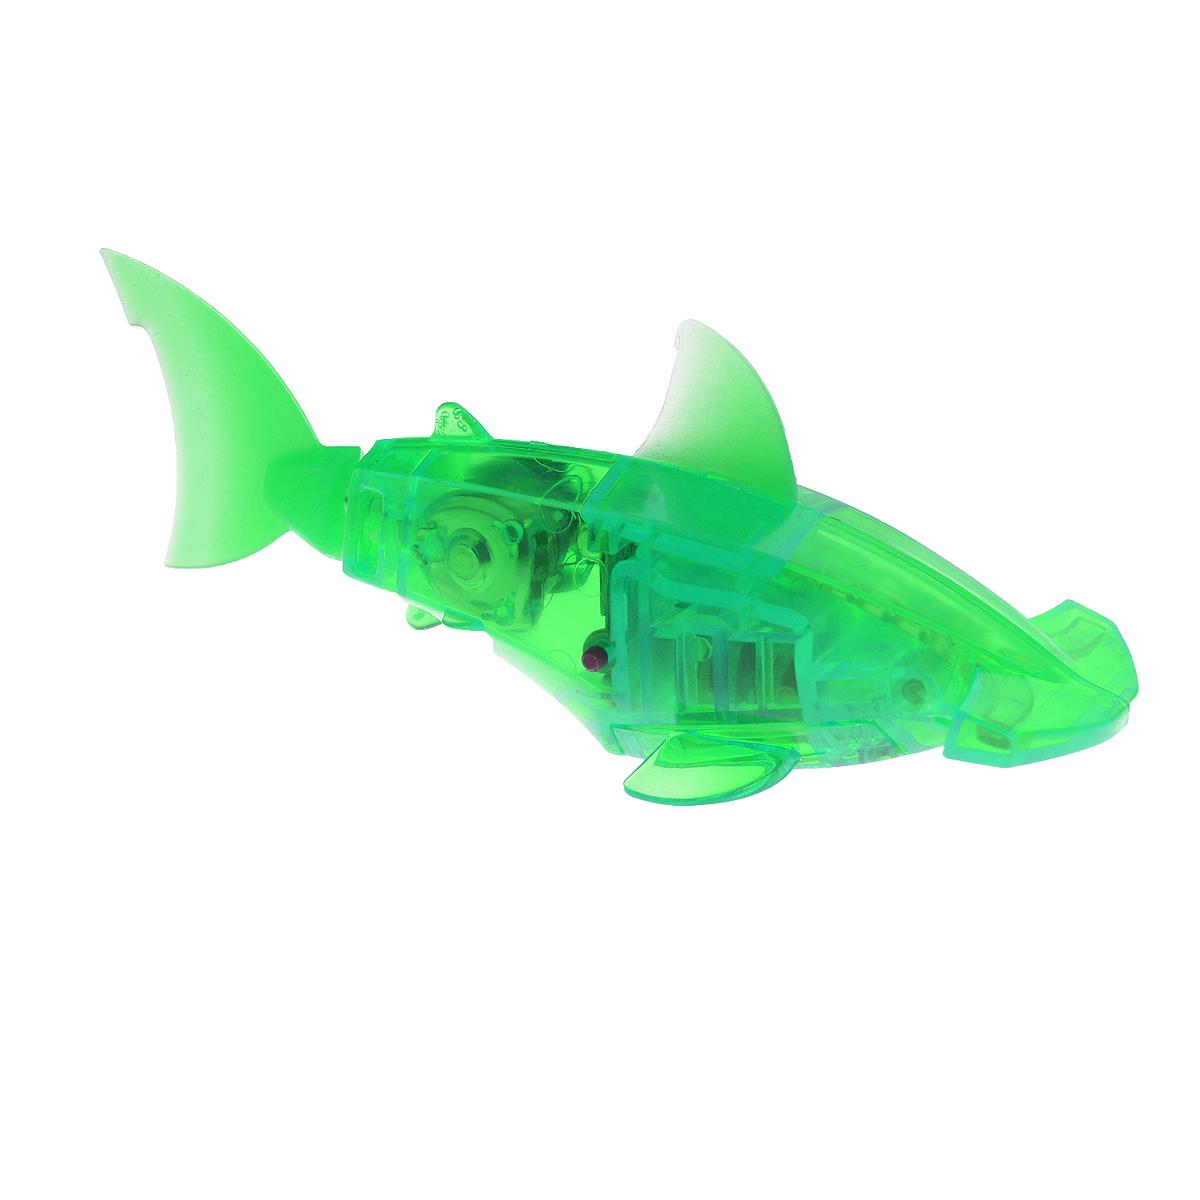 Микро-робот Hexbug Aquabot Hammerhead, со световыми эффектами, цвет: зеленый460-2976_2Уникальный микро-робот Hexbug Aquabot Hammerhead изготовлен из безопасного пластика в виде рыбы-молота. Теперь микро-роботы осваивают и водные глубины! Робот-рыбка Hexbug Aquabot Hammerhead плавает как настоящая рыба и непредсказуем в направлении движения. Опустите его в воду и он оживет! Если микро-робот замер, то достаточно просто всколыхнуть воду и он снова поплывет. Вне воды он автоматически выключается. Но и это еще не все, теперь микро-роботы рыбки оснащены световыми эффектами! Для работы игрушки необходимы 2 батарейки типа LR44 (товар комплектуется демонстрационными).